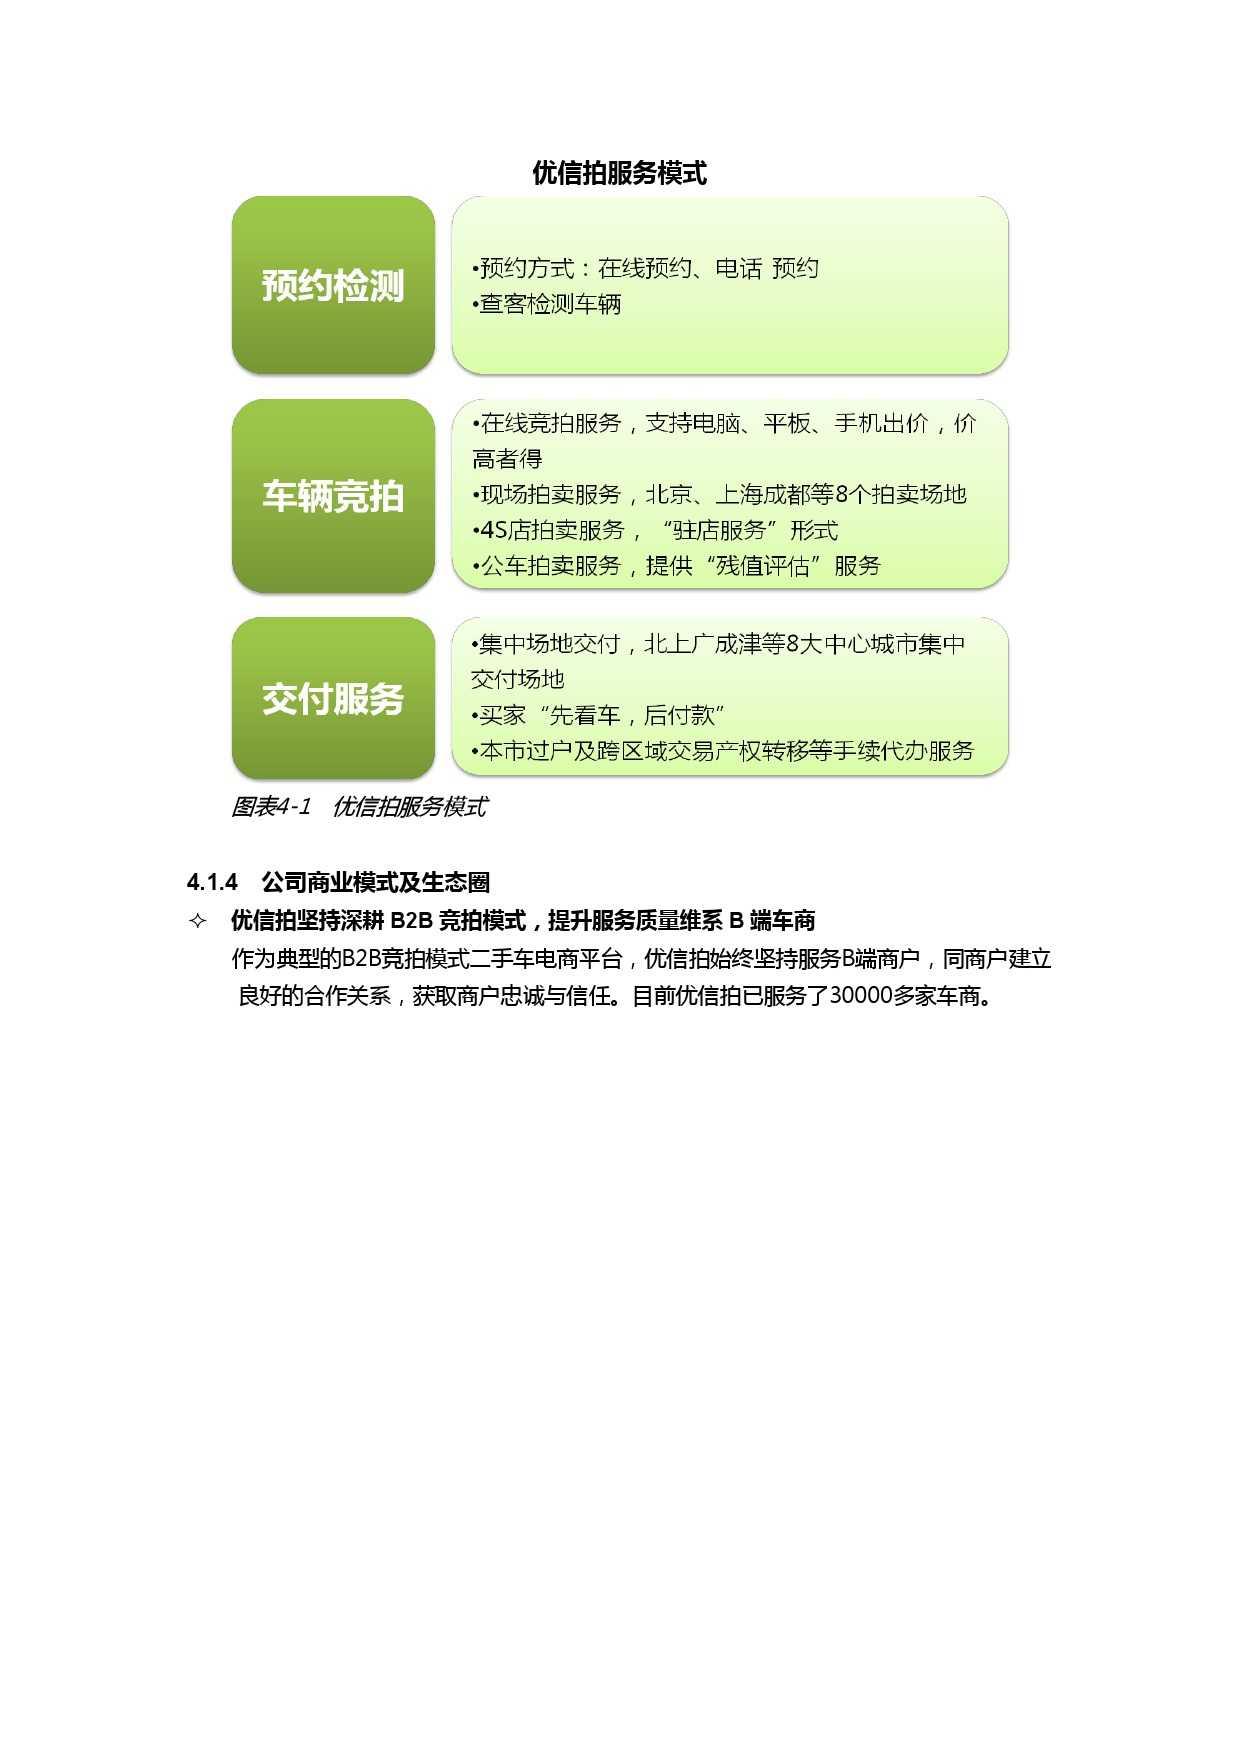 2015年中国二手车电子商务行业白皮书-上游篇_000038